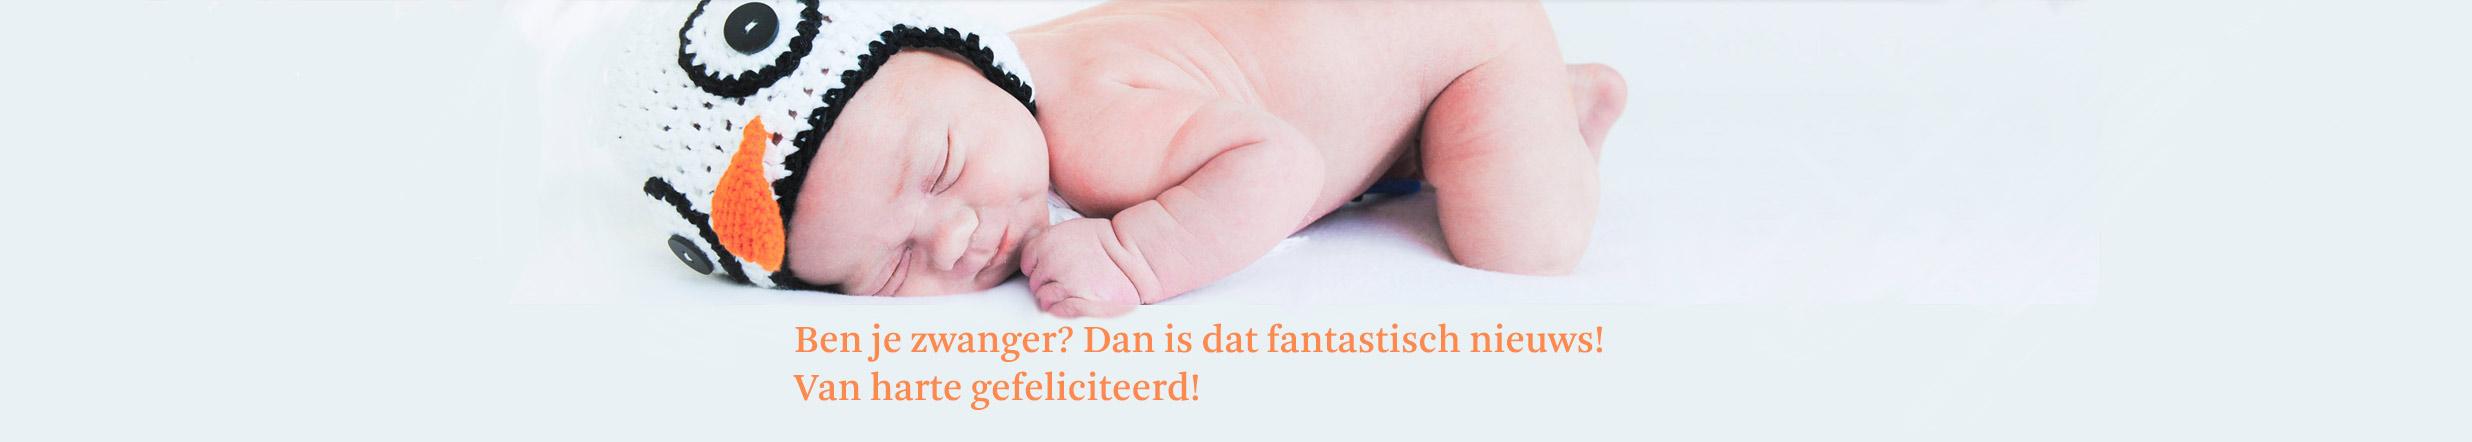 baby-met-aibermutsje-tekst